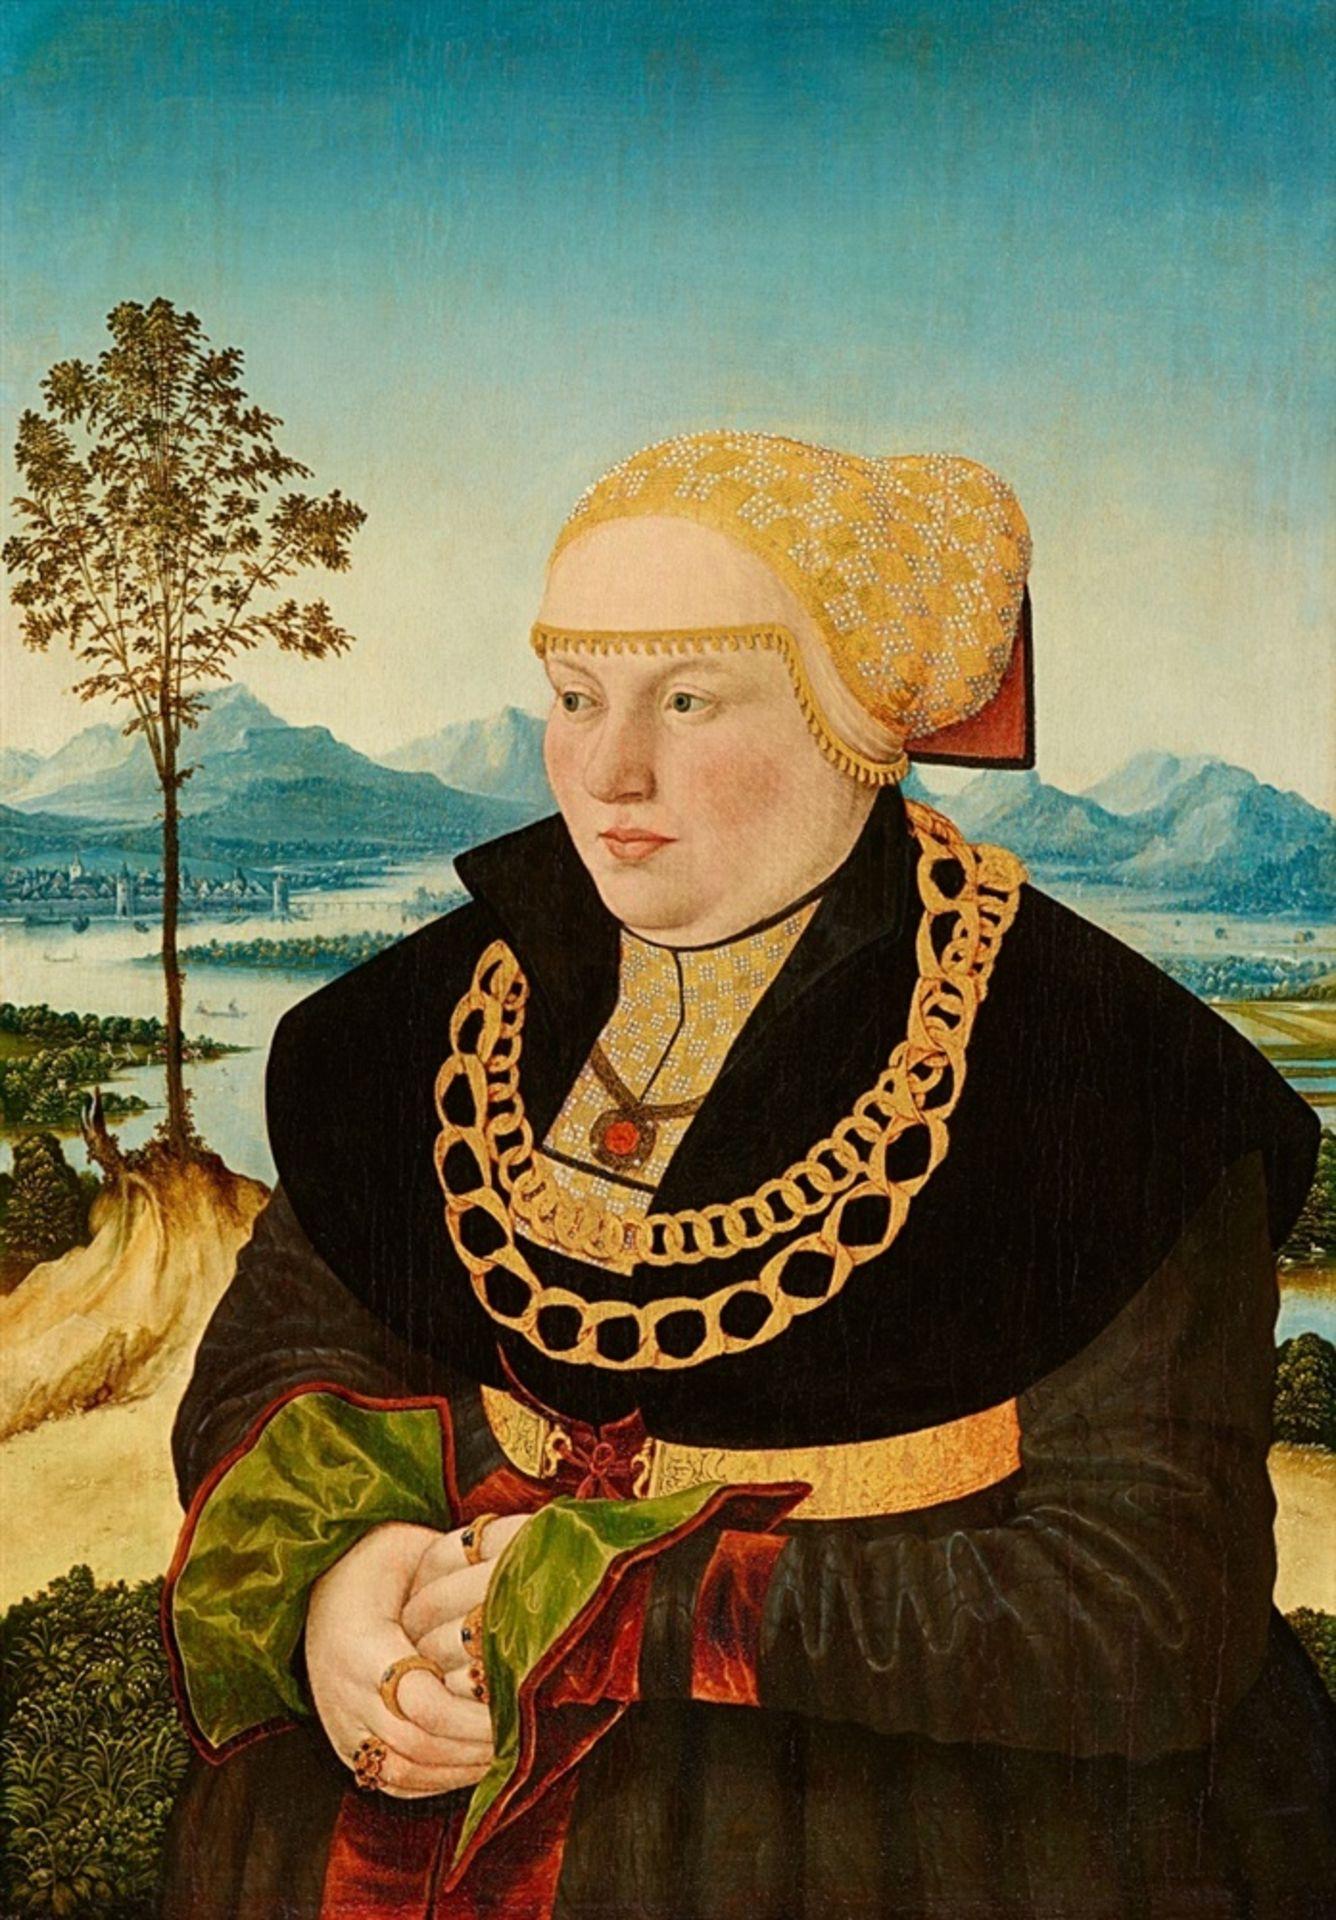 Conrad Faber von KreuznachBildnis des Johann Raiss vor weiter LandschaftBildnis der Anna - Bild 2 aus 2